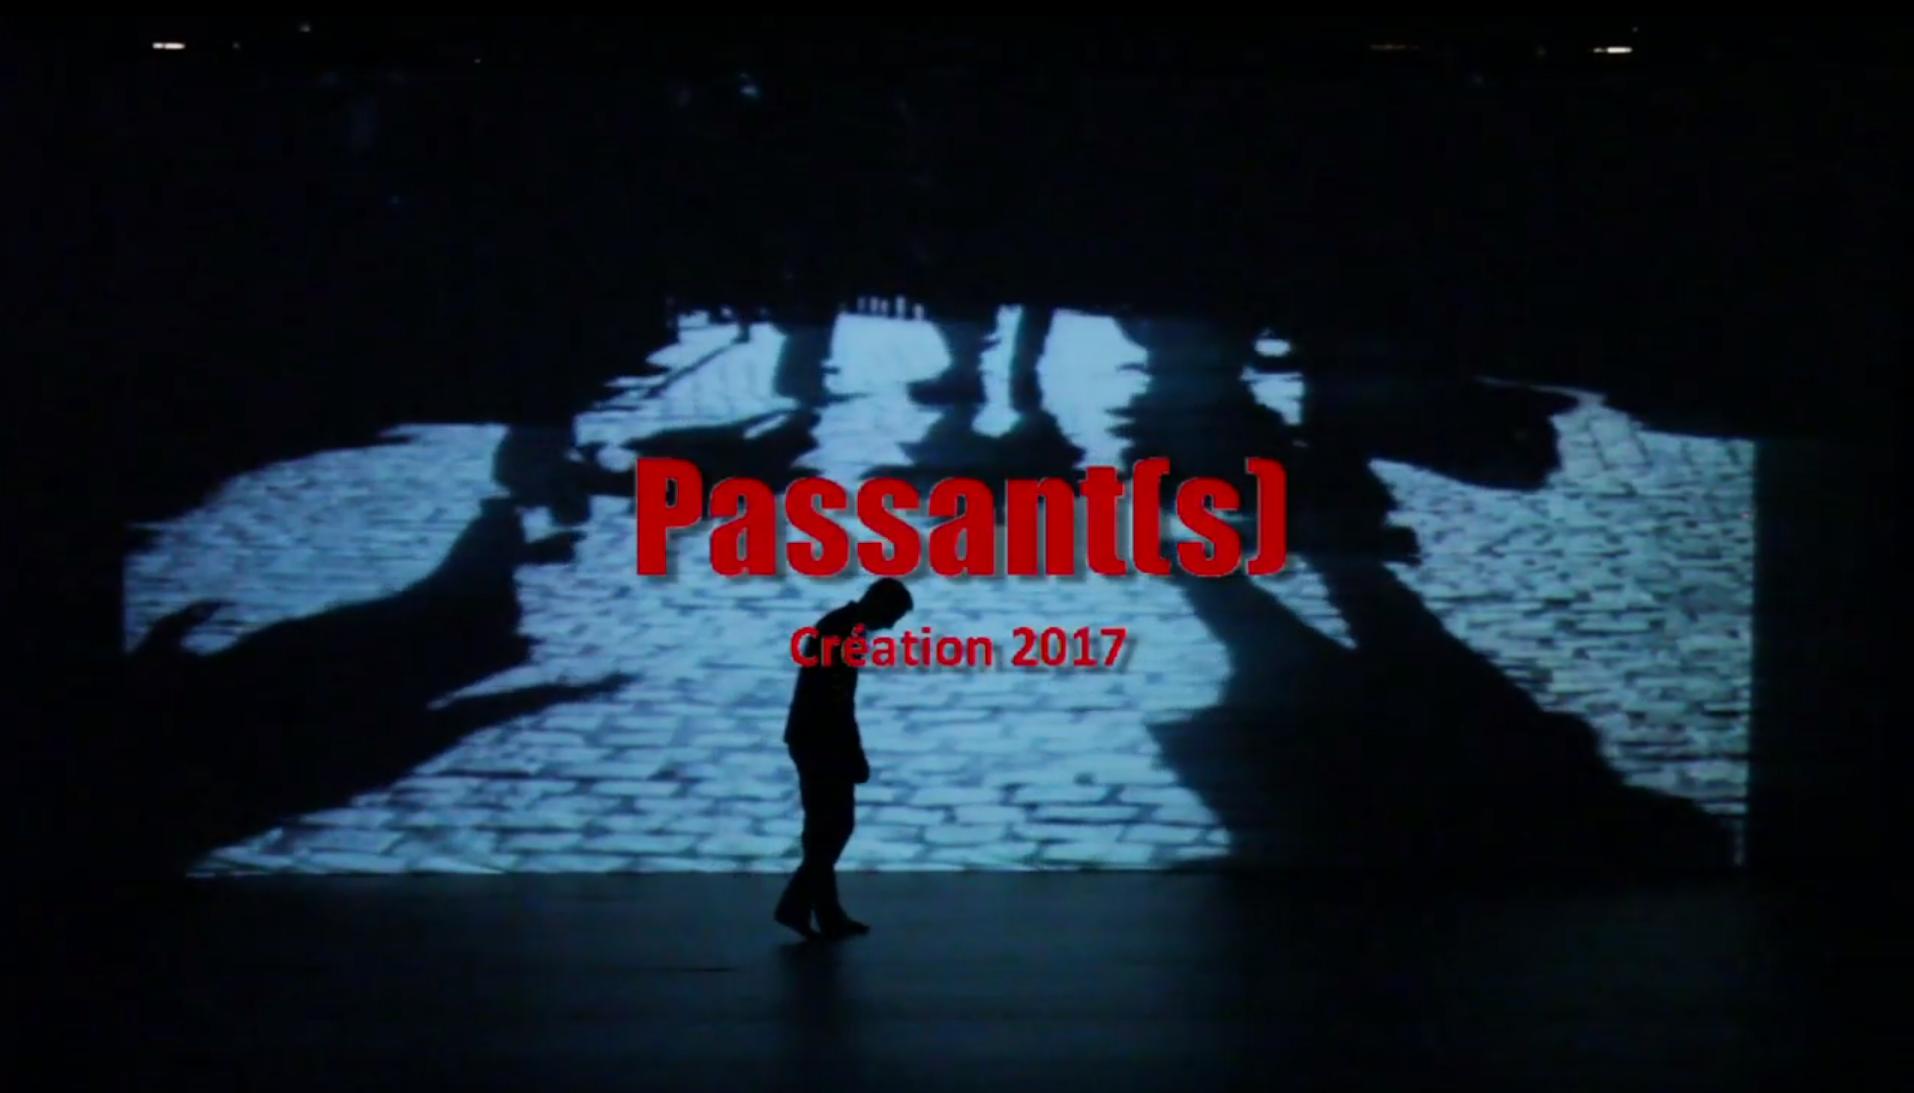 PASSANT(S)